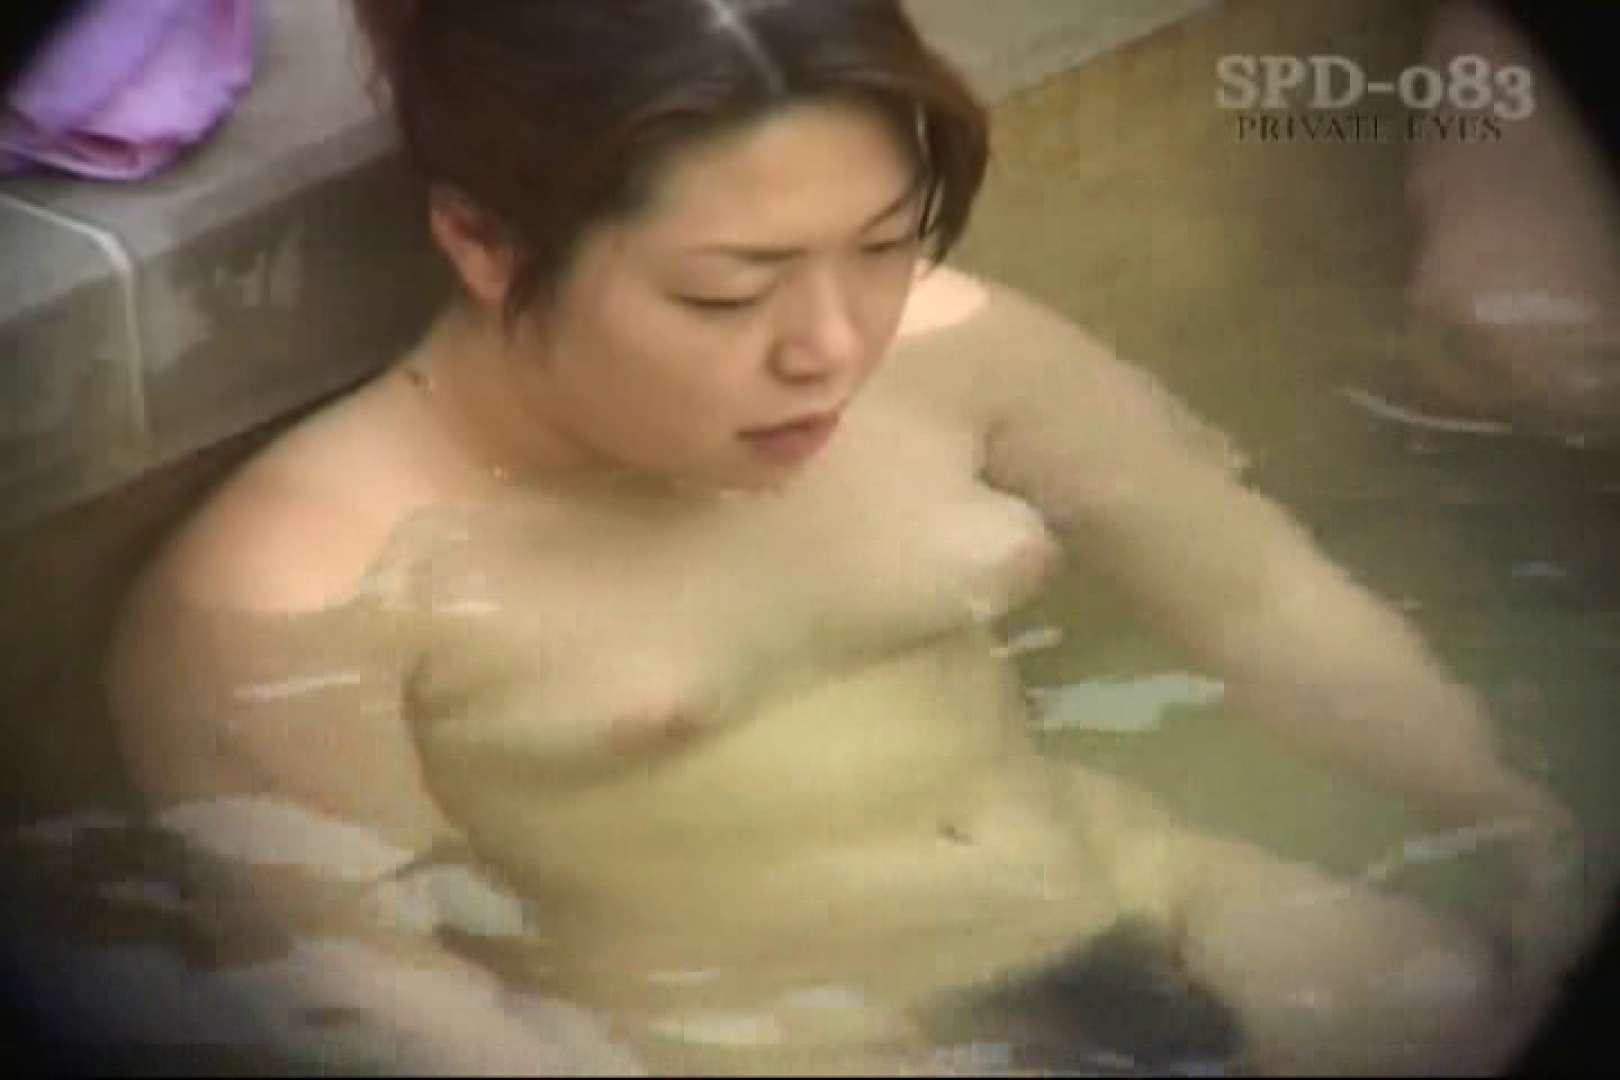 高画質版!SPD-083 露天浴場~総集編~ 名作 覗きおまんこ画像 90pic 59